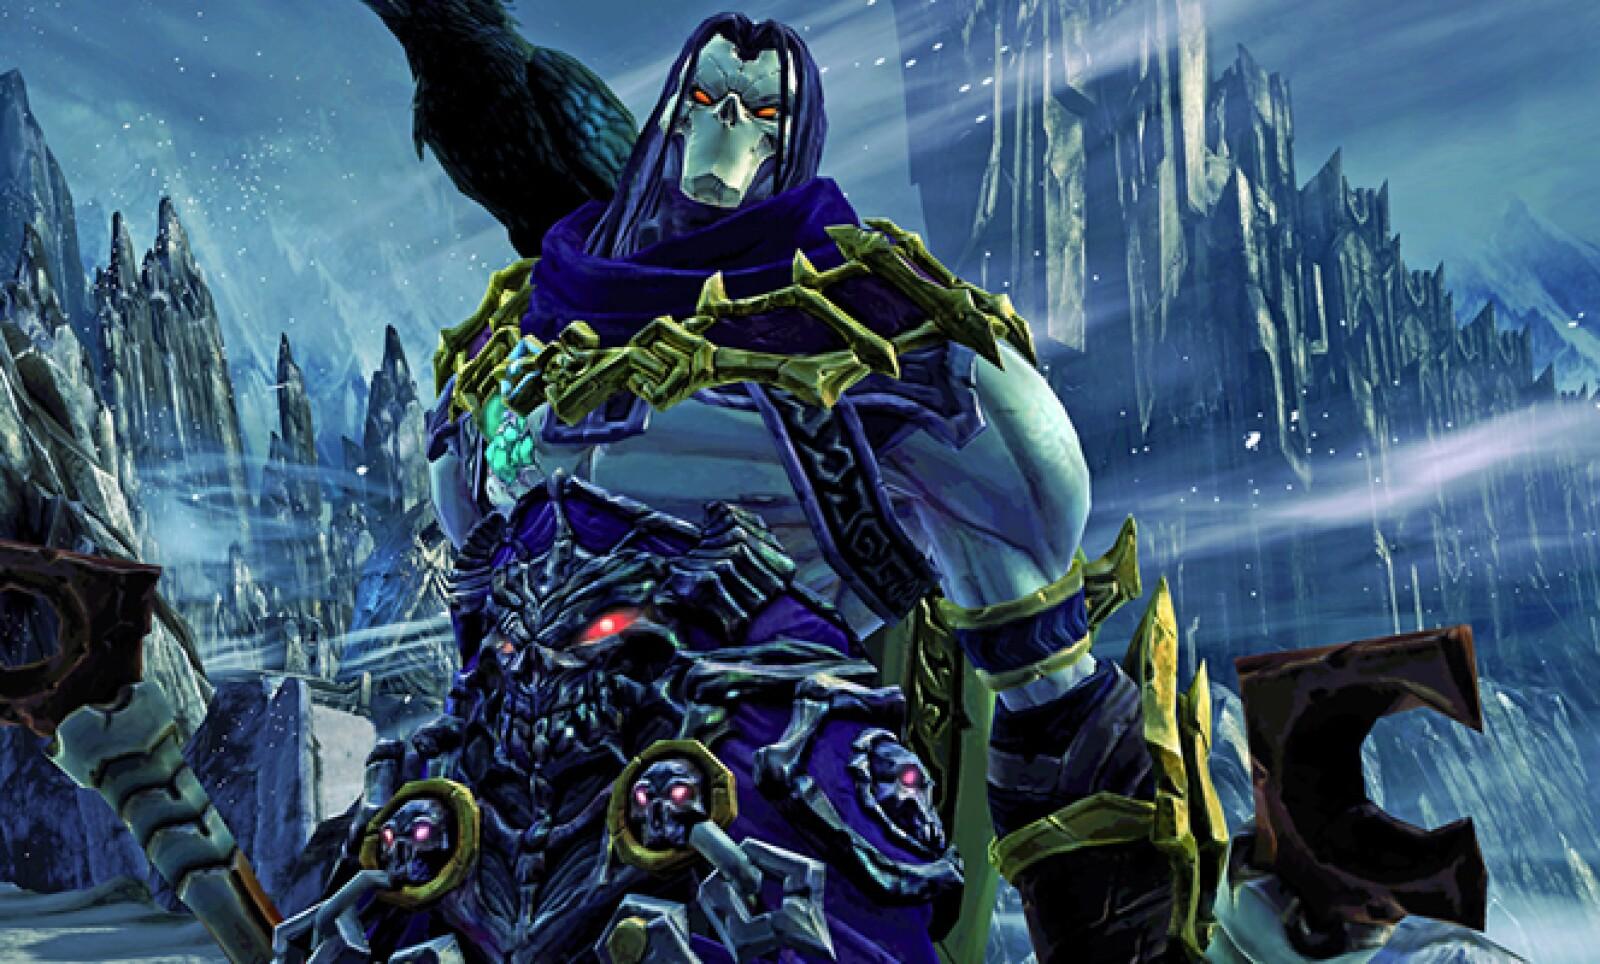 El protagonista del título buscará venganza, ya que su hermano Guerra, fue encarcelado sin pruebas frente al Concilio del Apocalipsis.